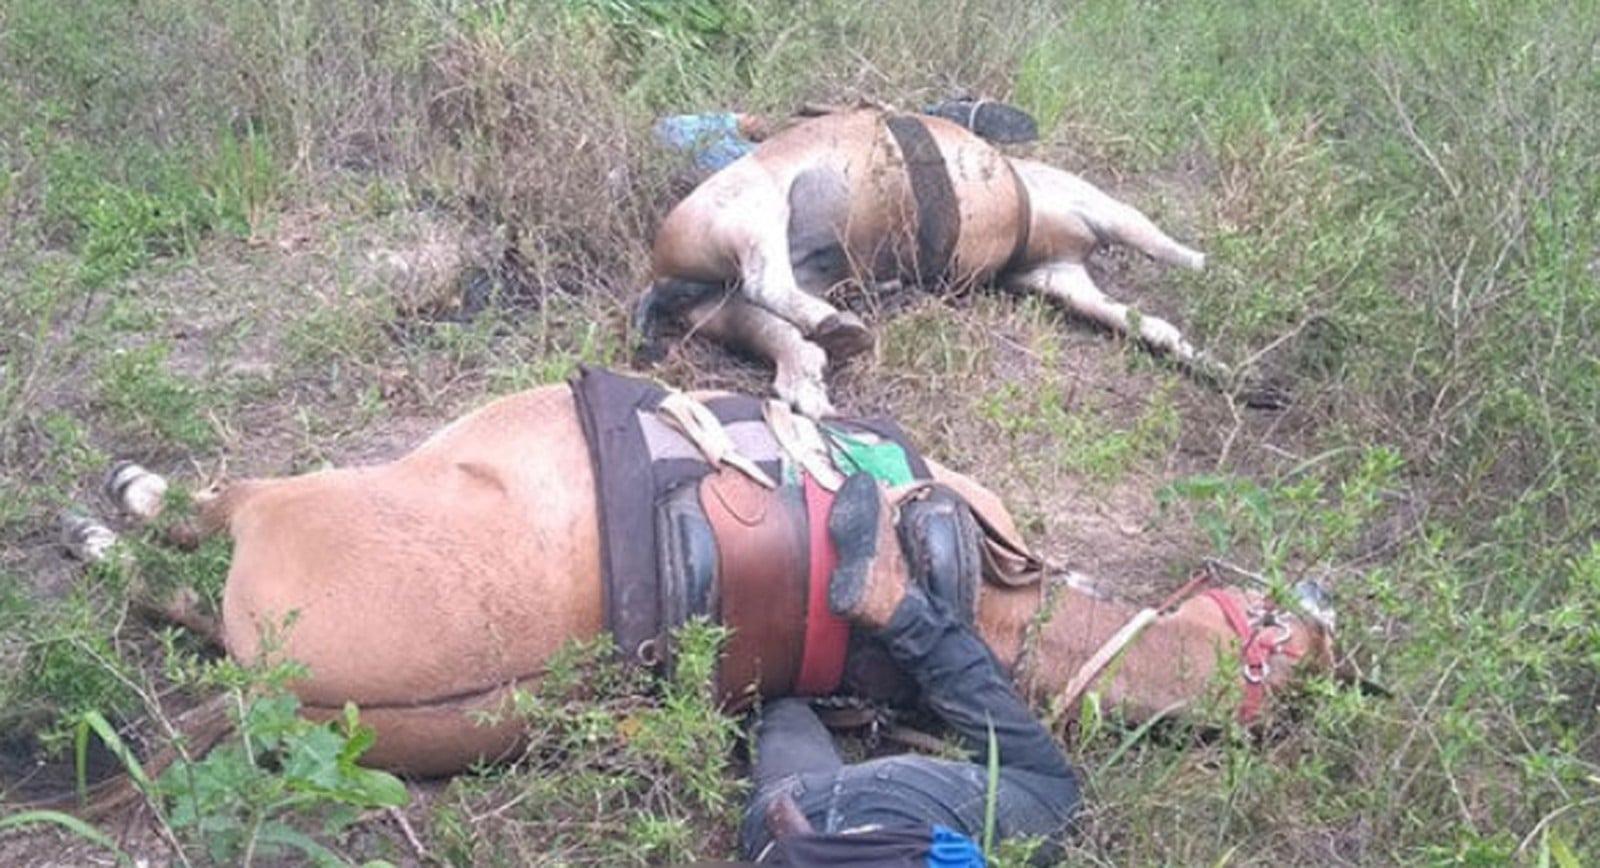 Os cavalos em que os funcionários estavam montados também faleceram (Foto: Reprodução/redes sociais)